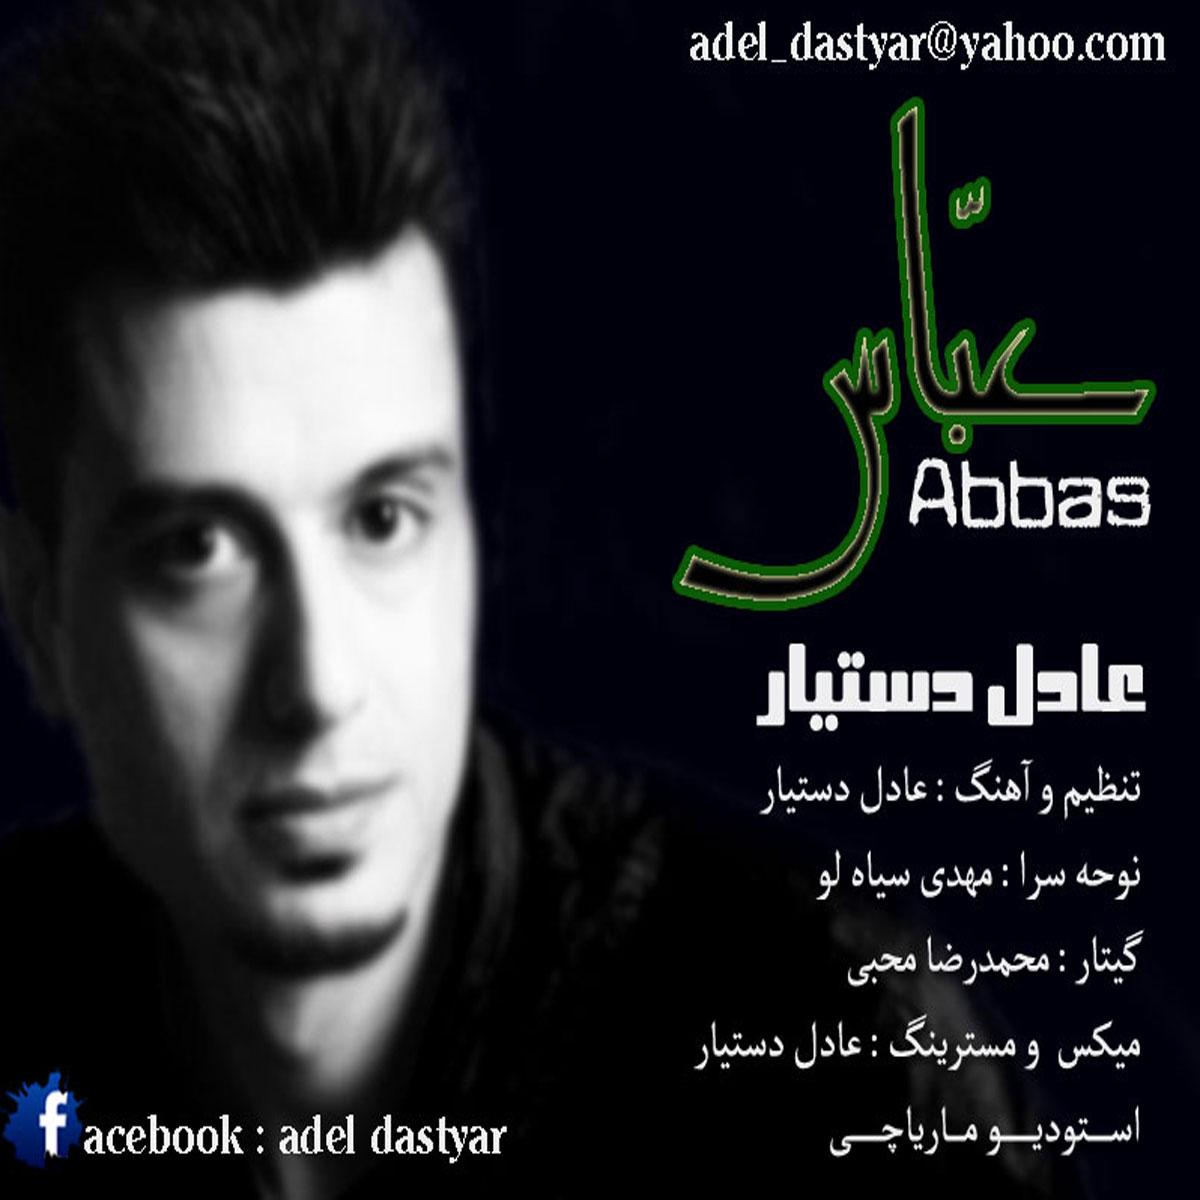 Adel Dastyar – Abbas & Man Miravam Ab Avaram & Man Akharin Sarbazam